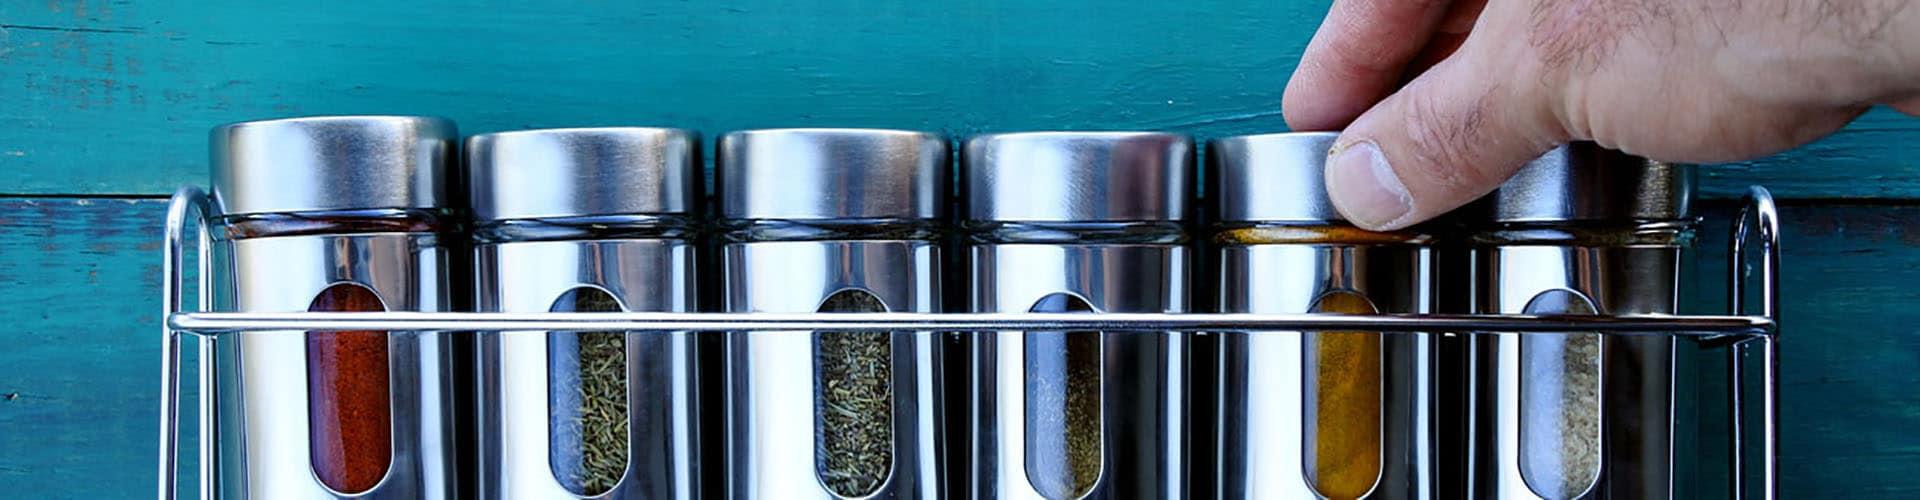 Mão escolhe potes com especiarias em uma prateleira